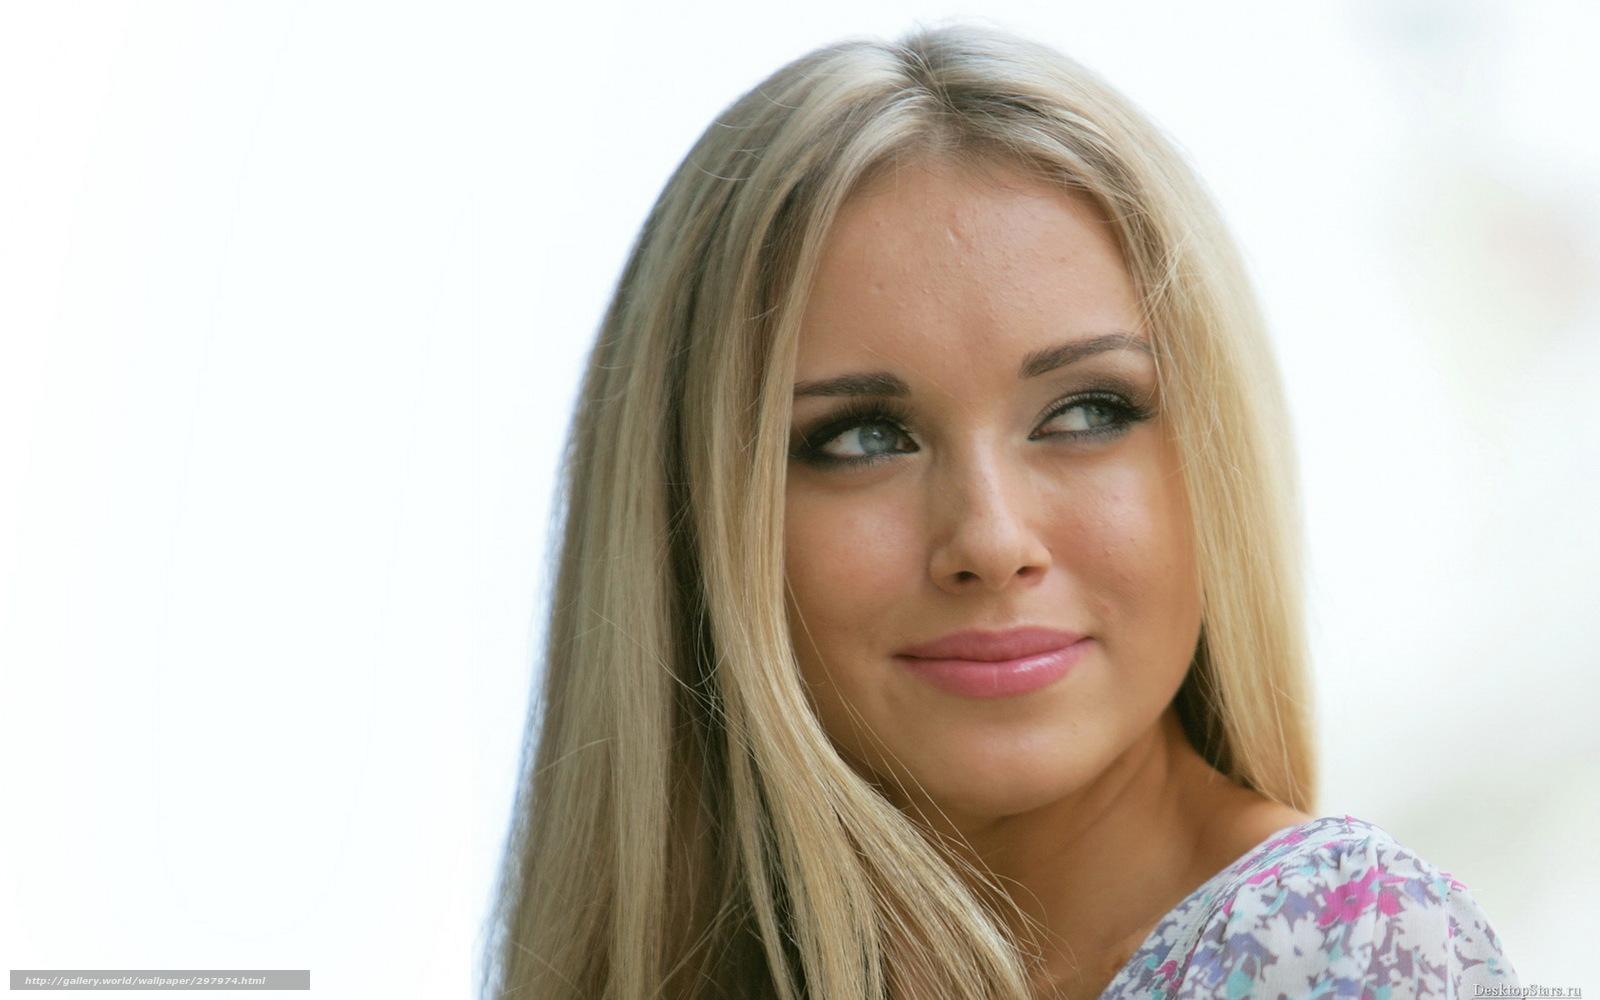 Самые красивые девушки россии фото не звезды